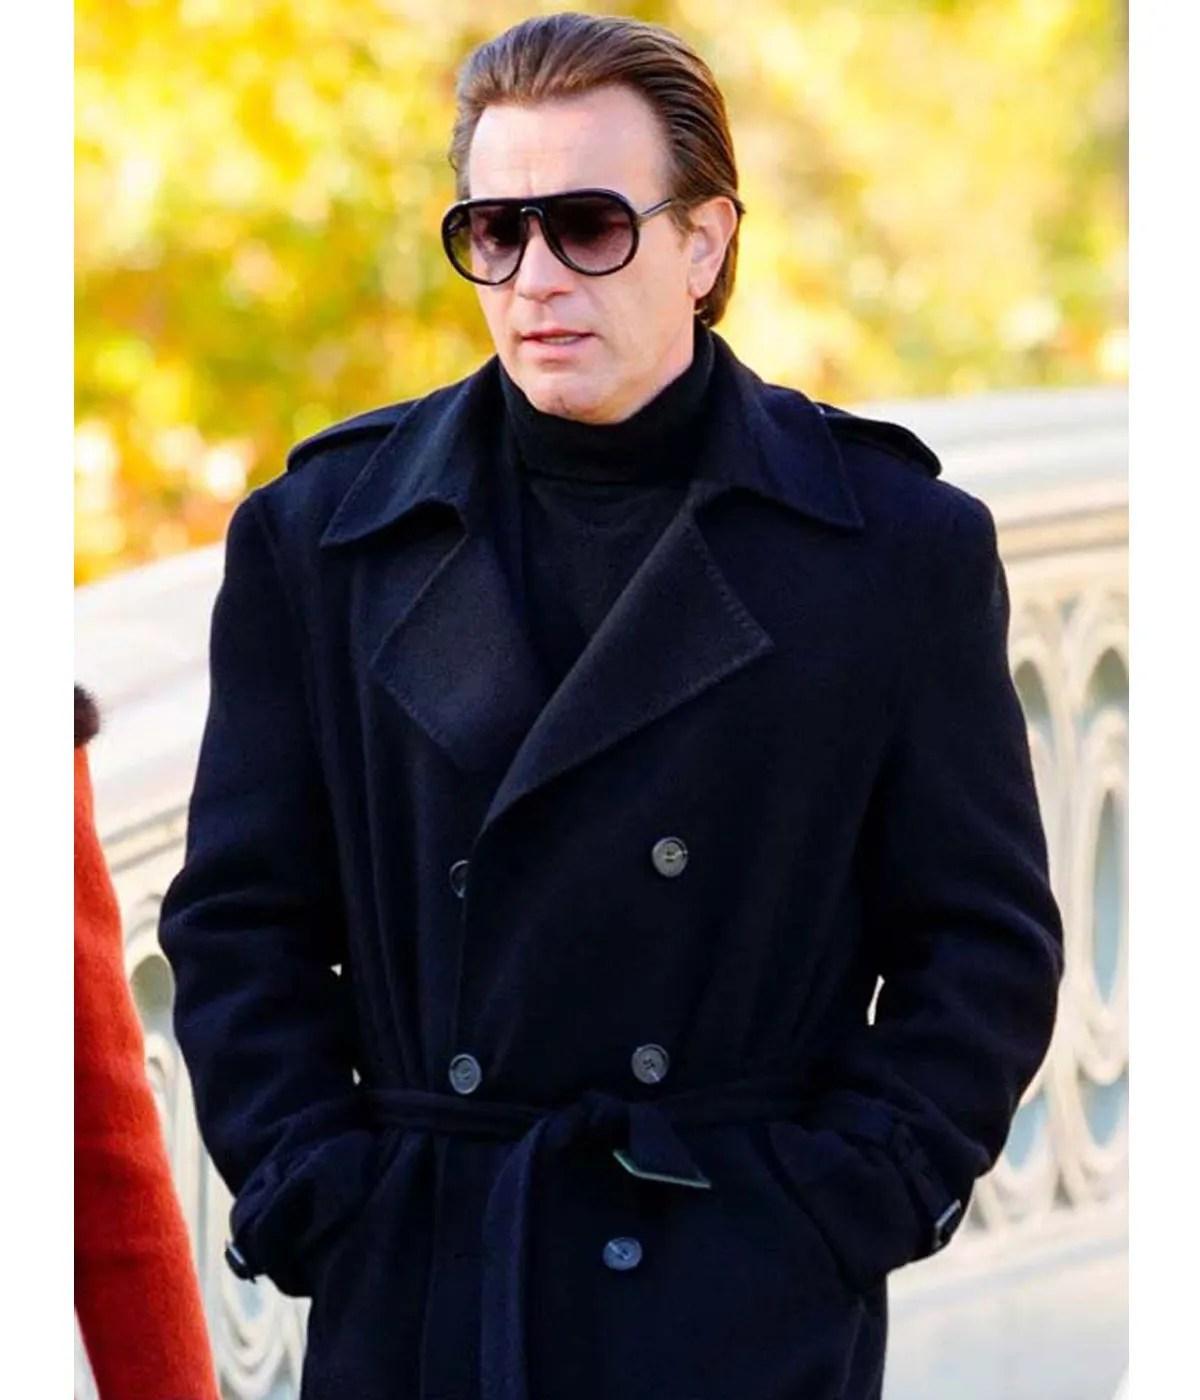 halston-ewan-mcgregor-trench-wool-coat